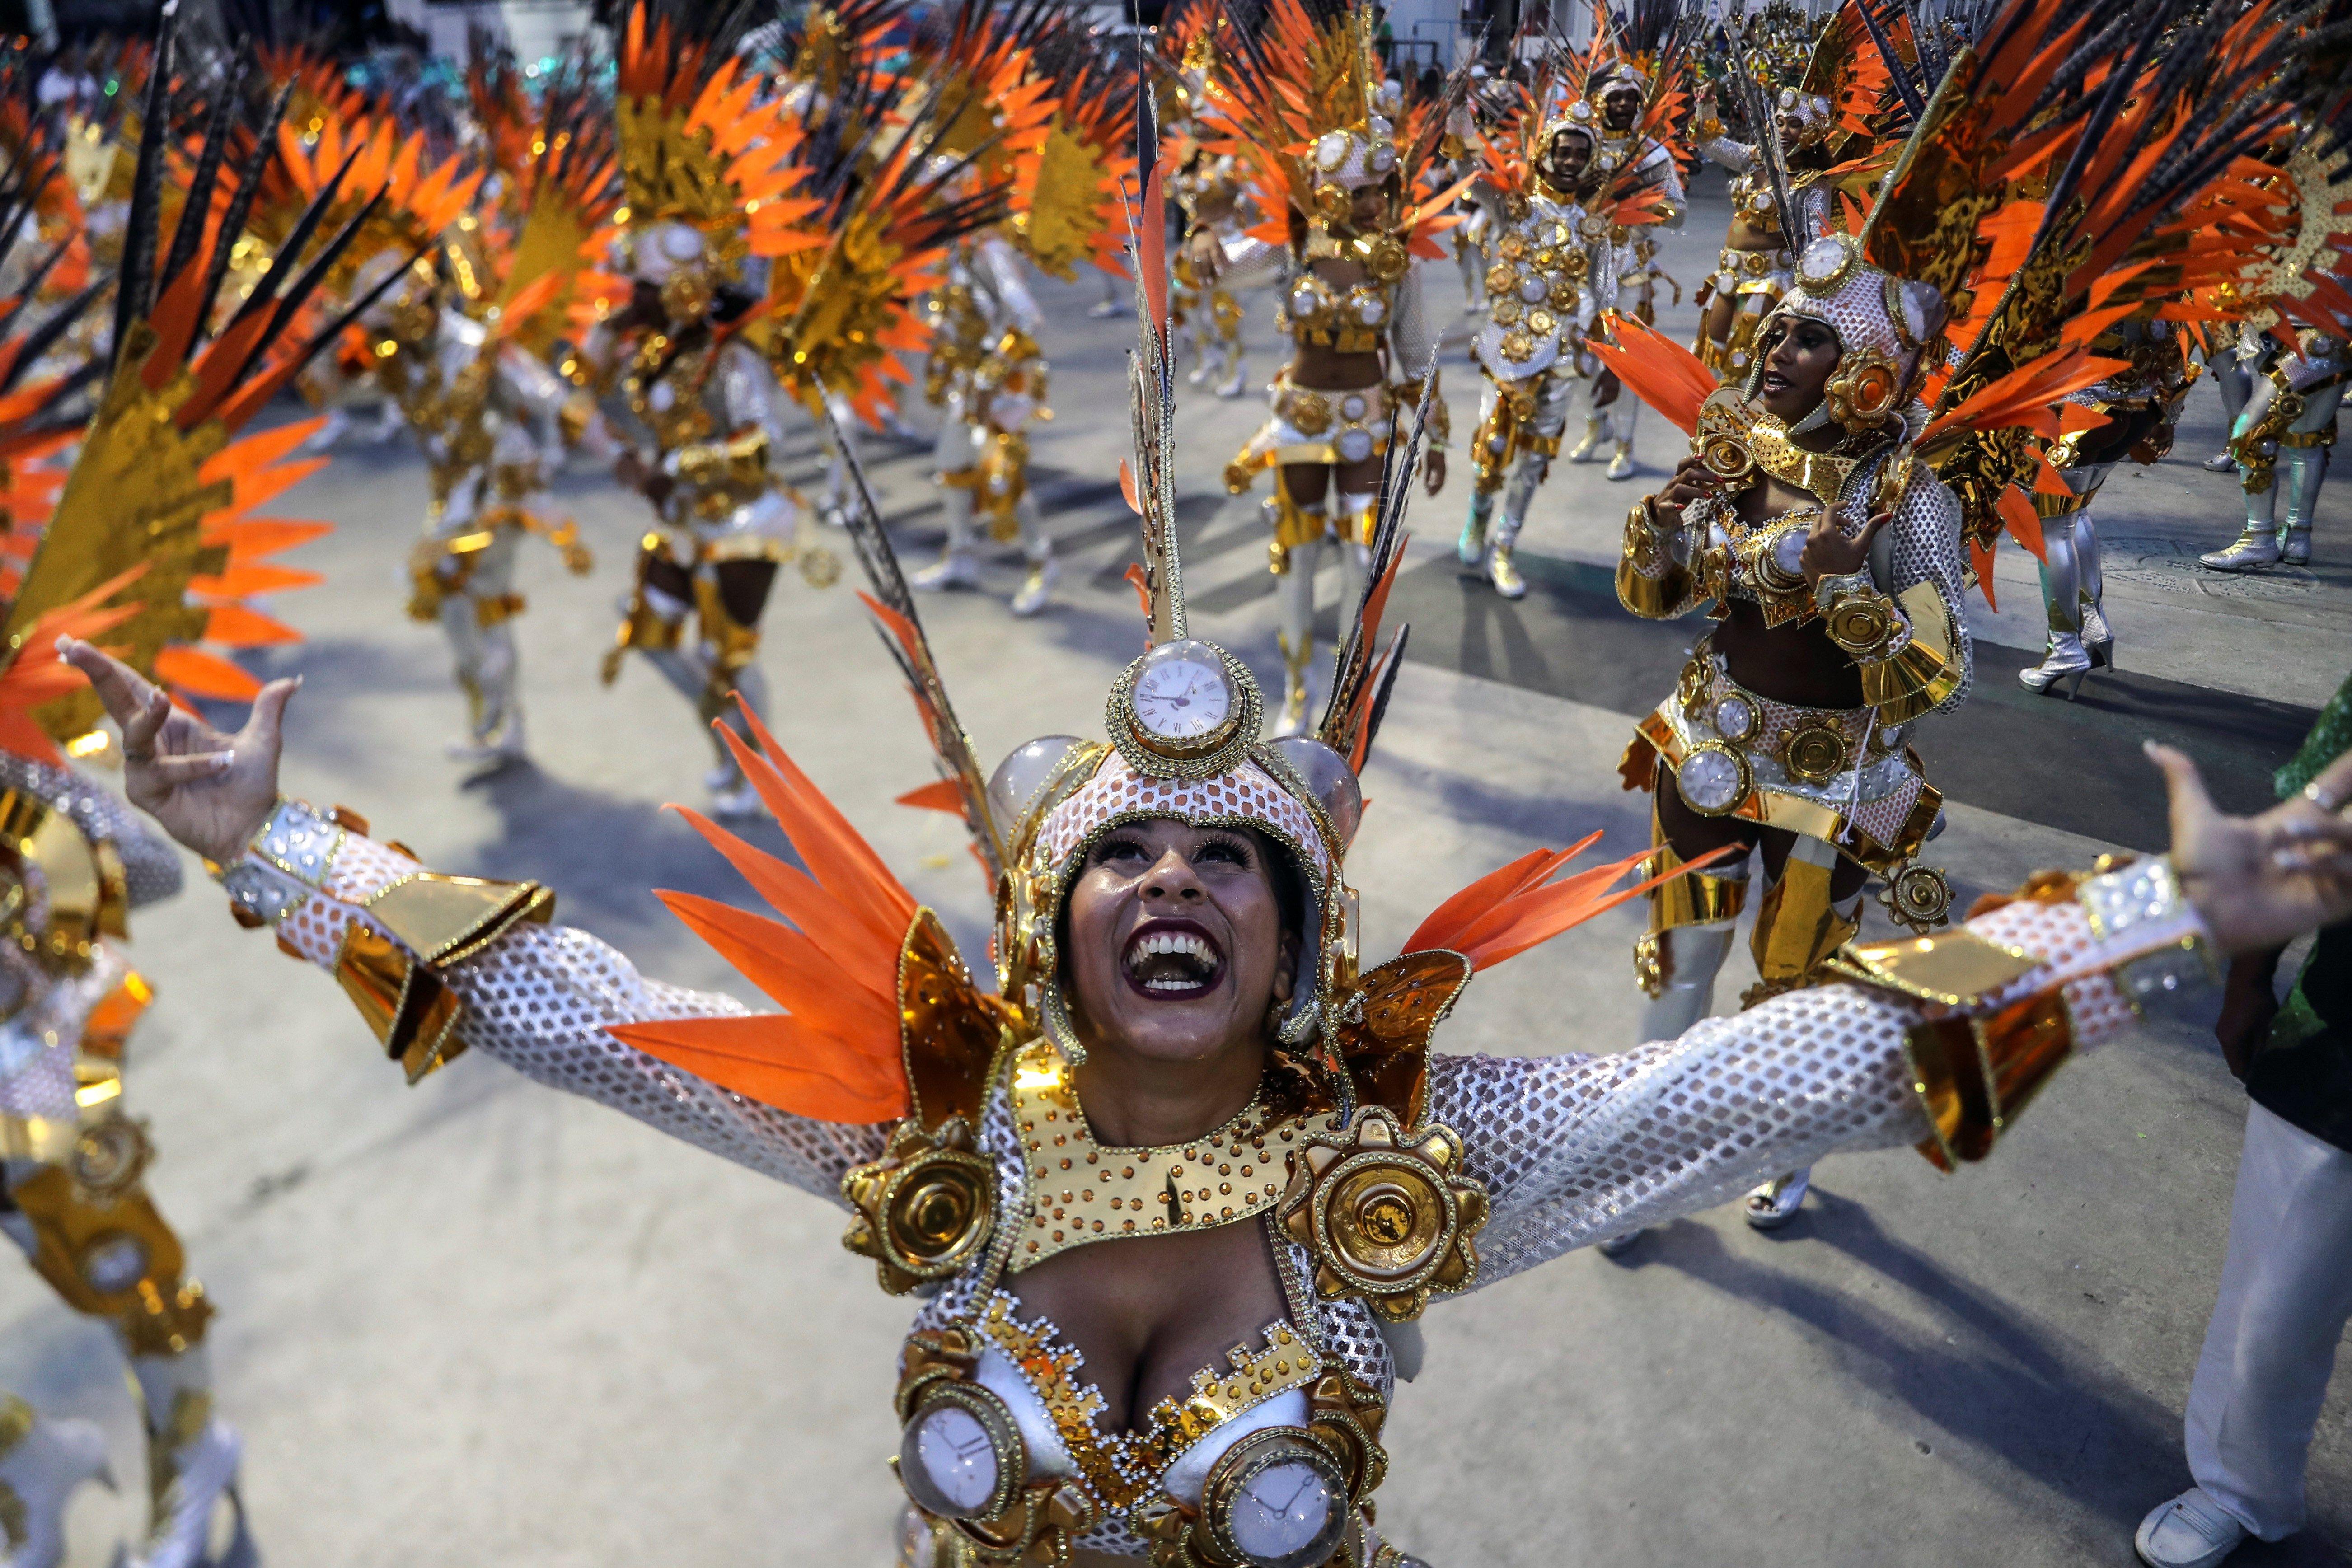 Los desfiles de las escuelas de samba del denominado Grupo Especial, son el resultado del trabajo que un ejército de personas realiza durante todo el año para lograr el mejor resultado y competir por el anhelado primer puesto.